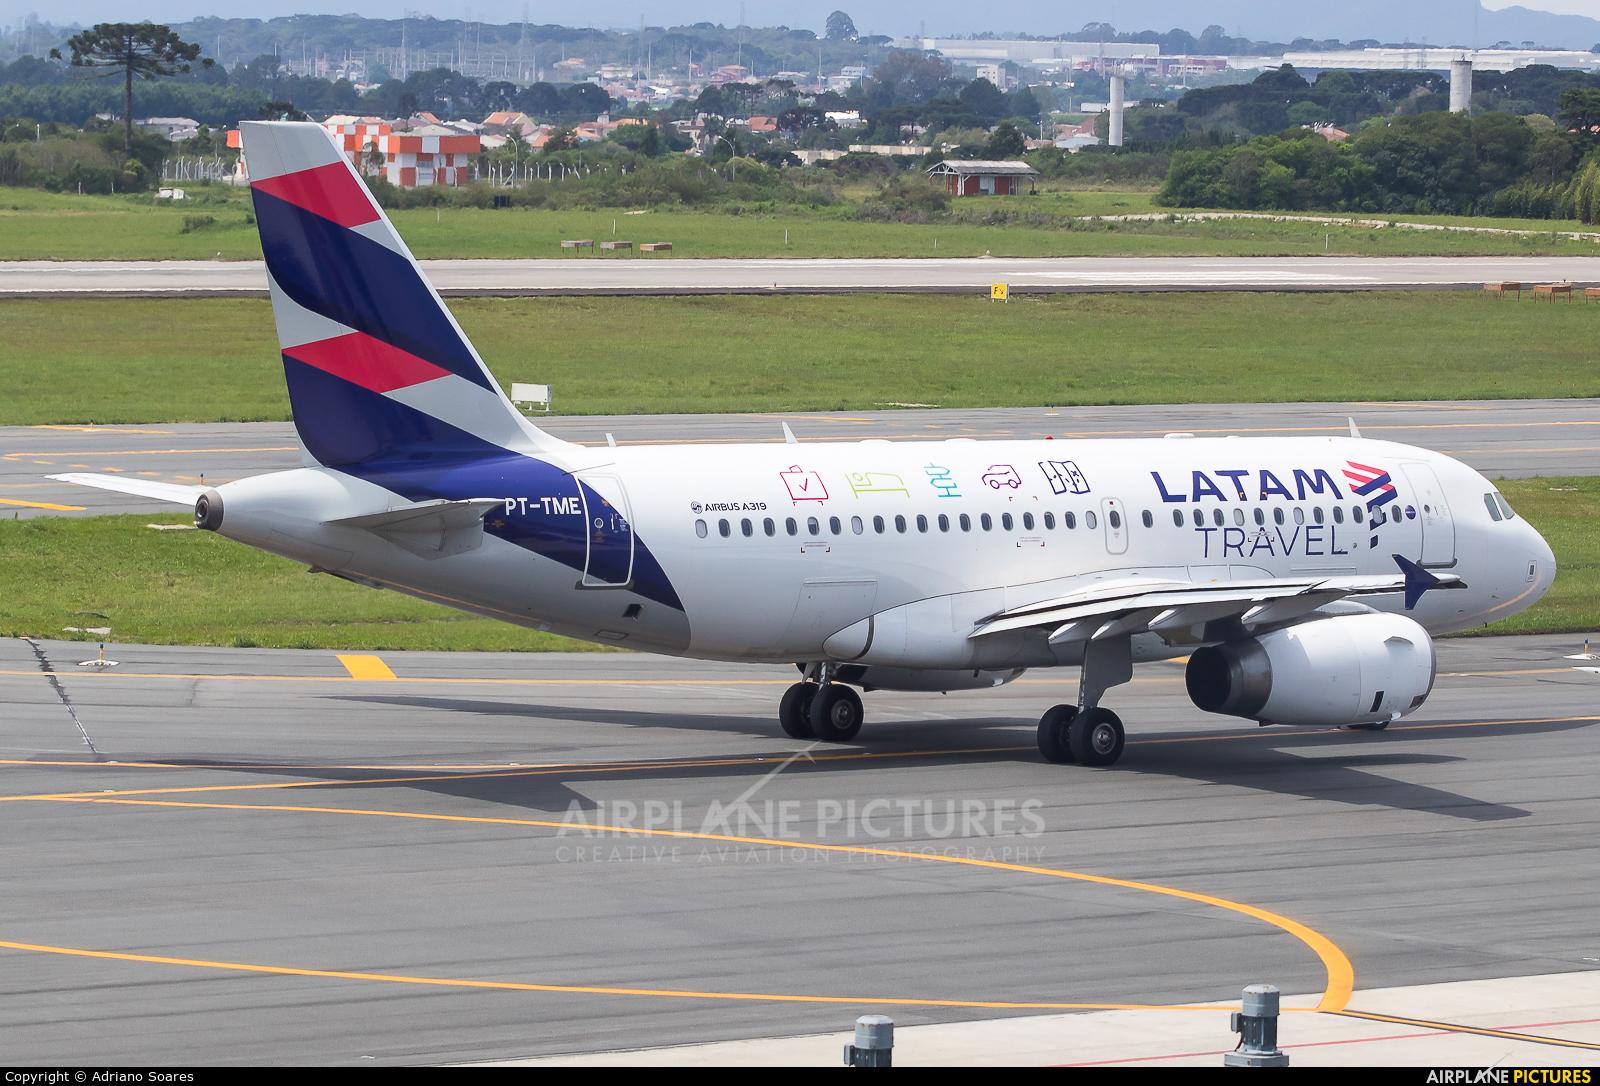 LATAM PT-TME aircraft at Curitiba -  Afonso Pena